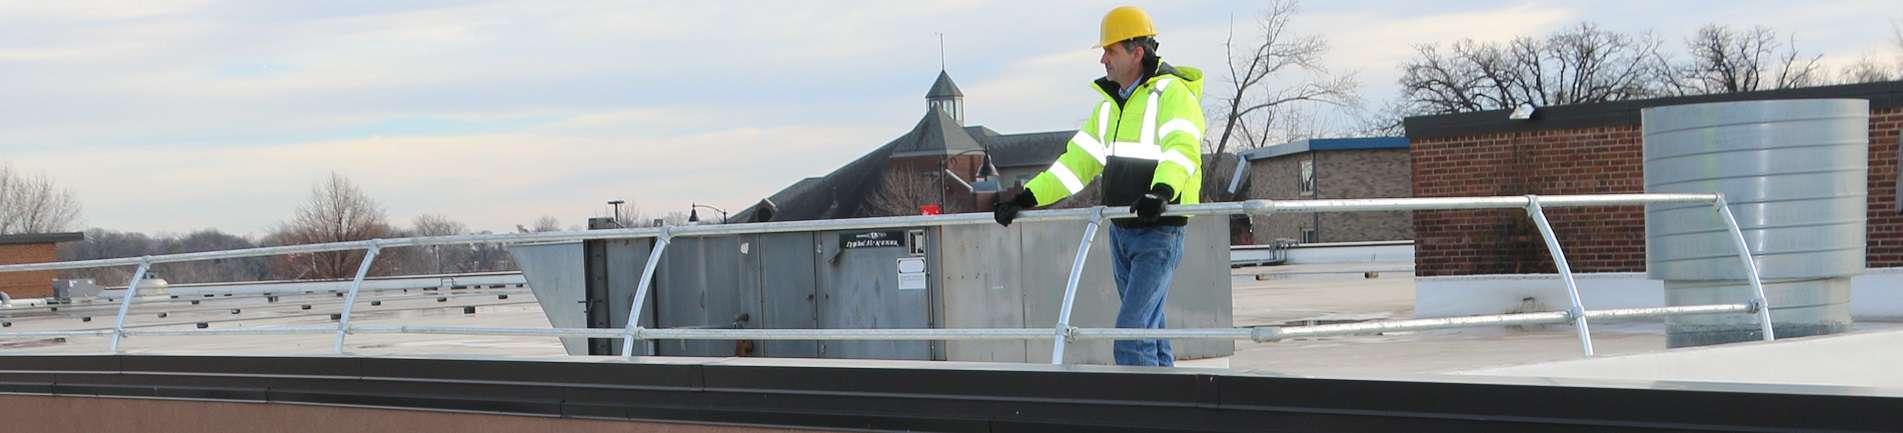 Parapet Guardrail System